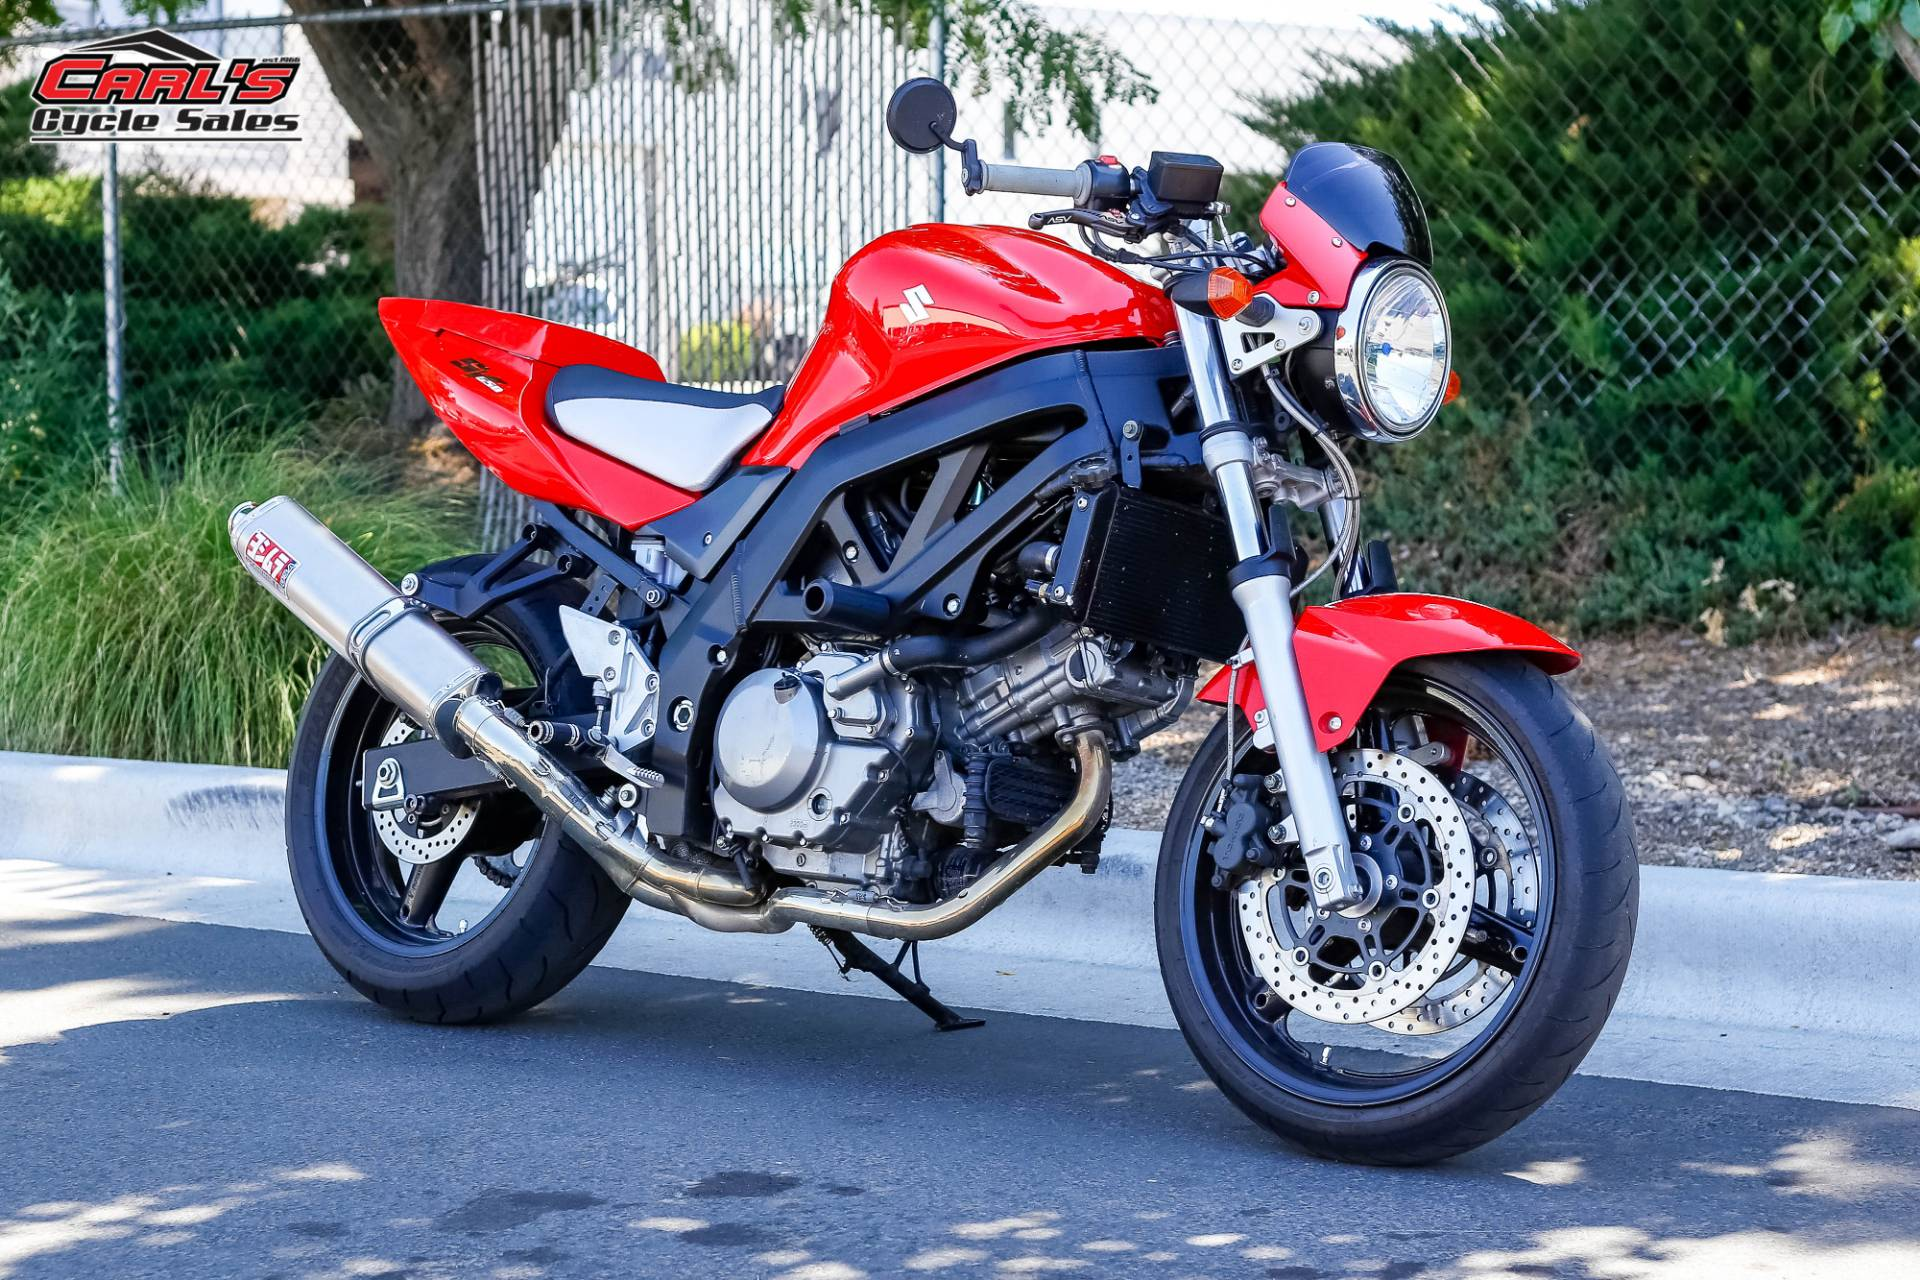 2006 Suzuki SV650 8